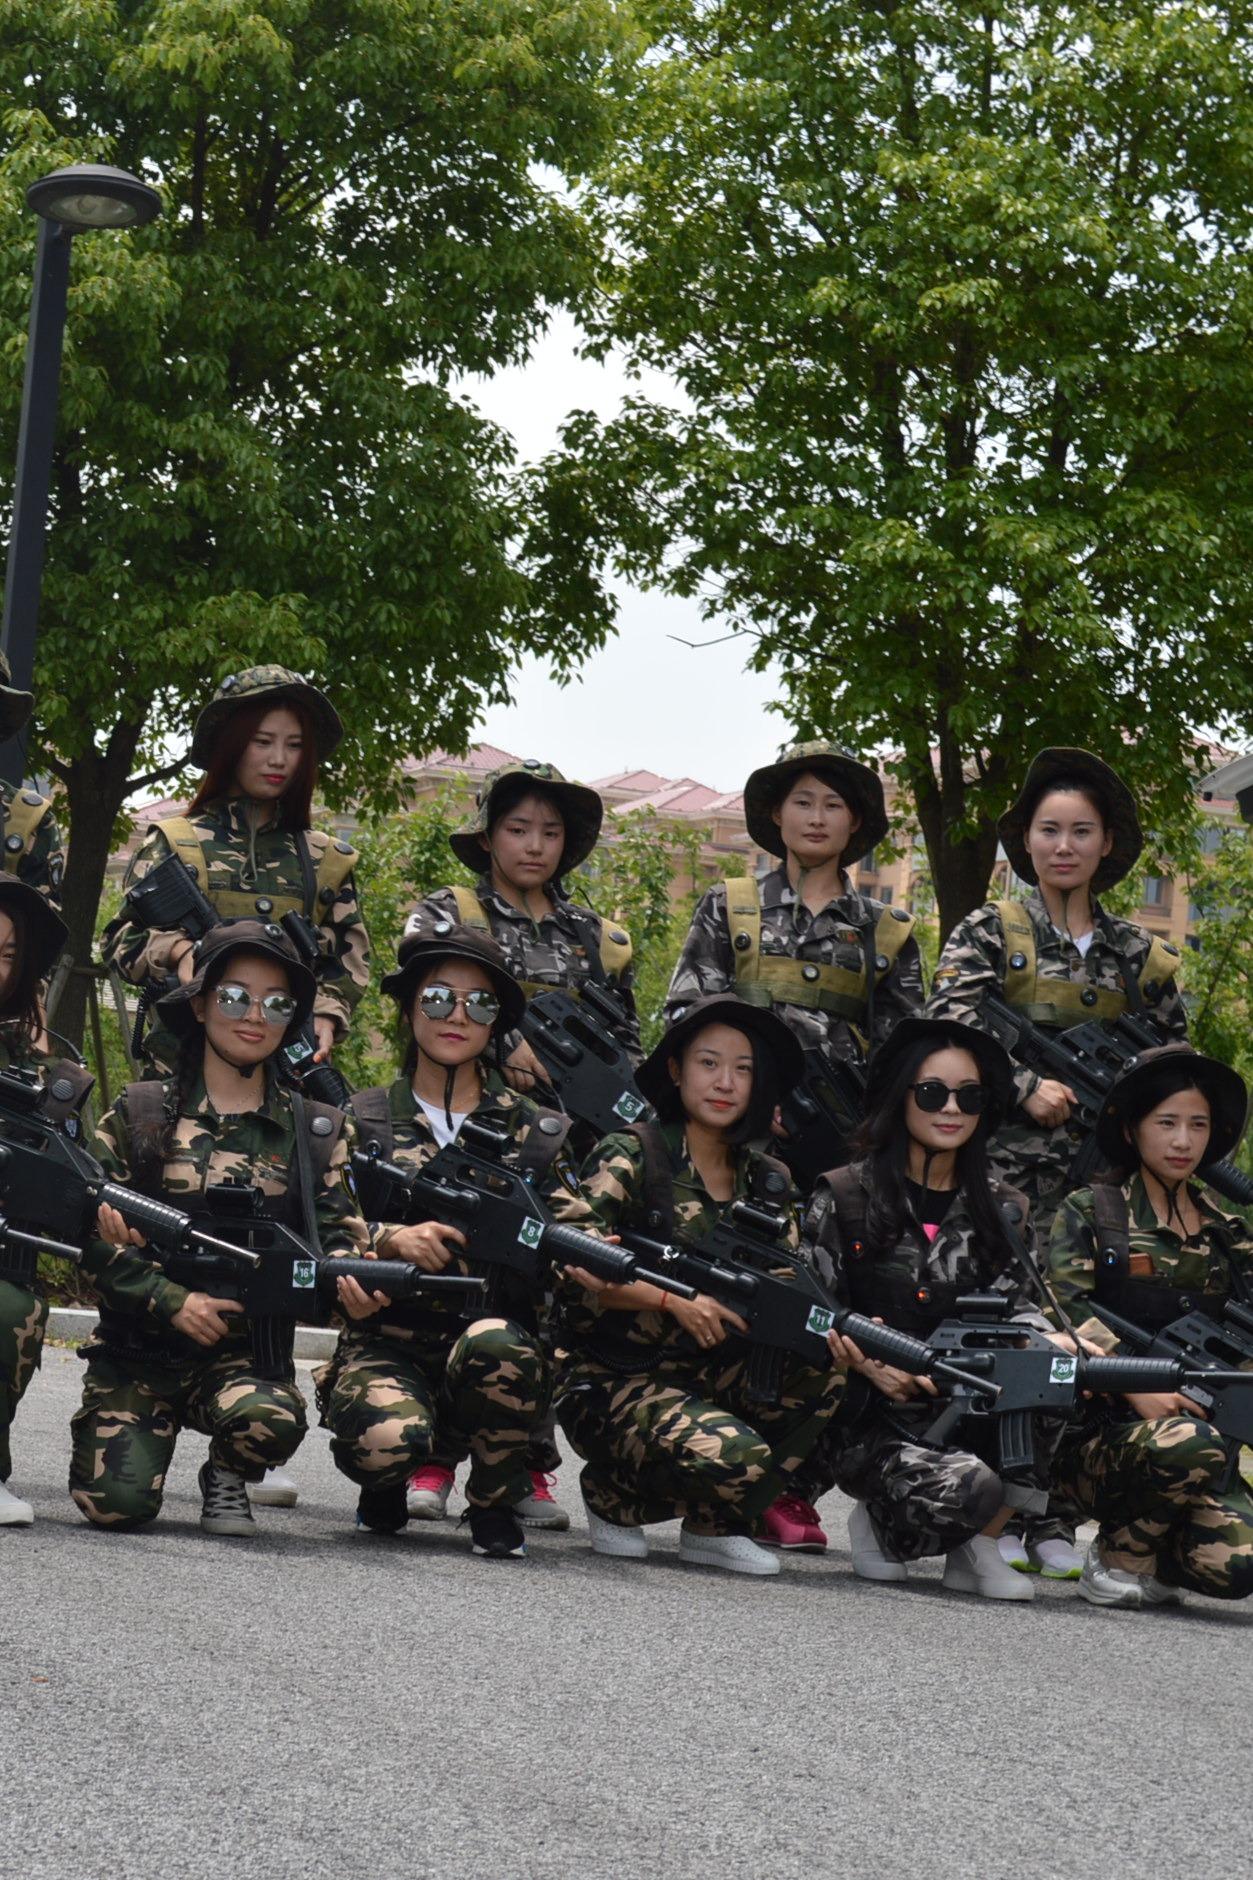 8月21日吴江五星农场丰隆园真人CS之美女特种训练